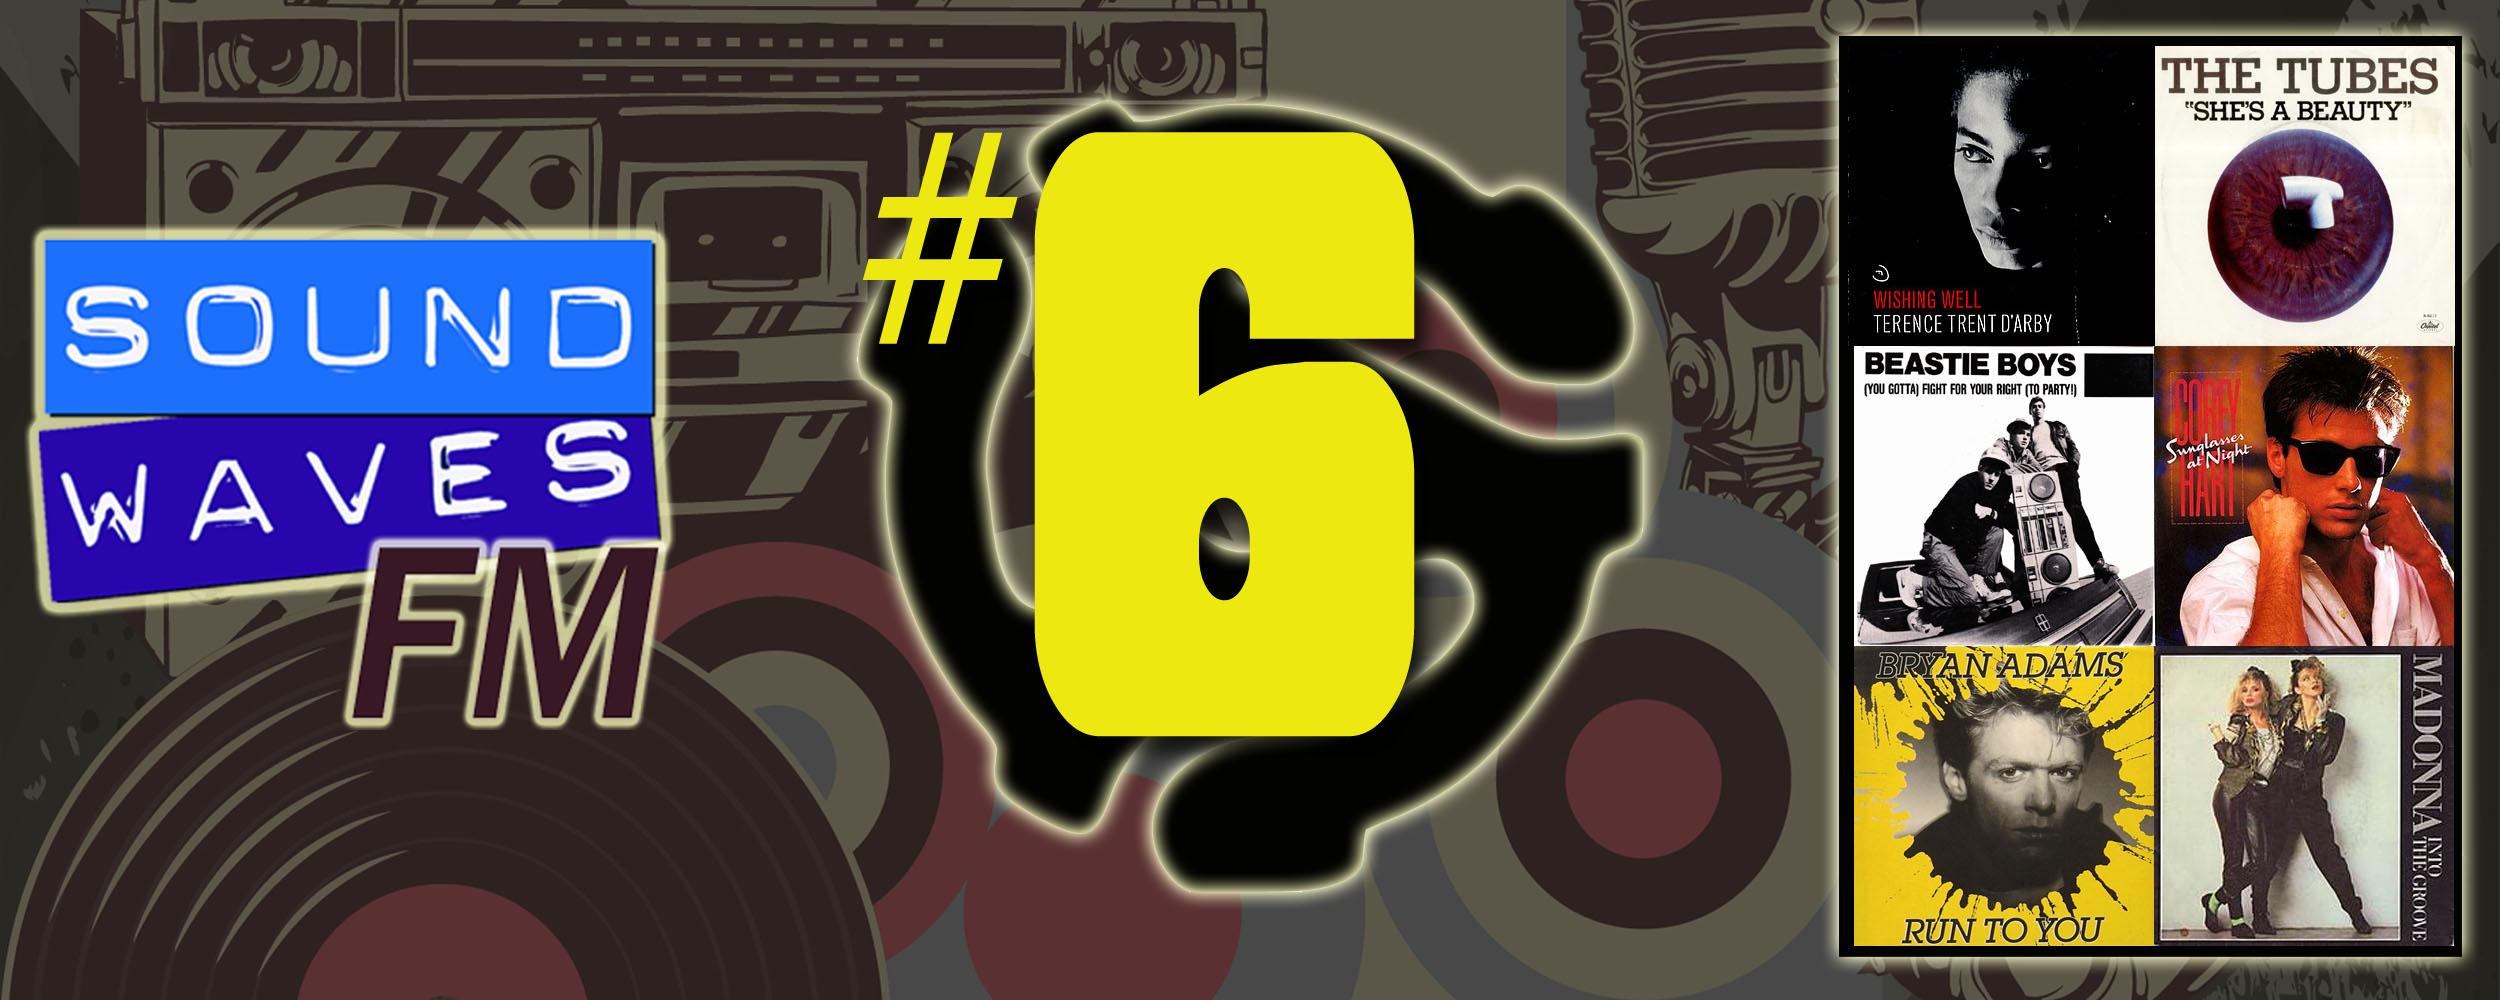 Soundwaves FM: Episode 6